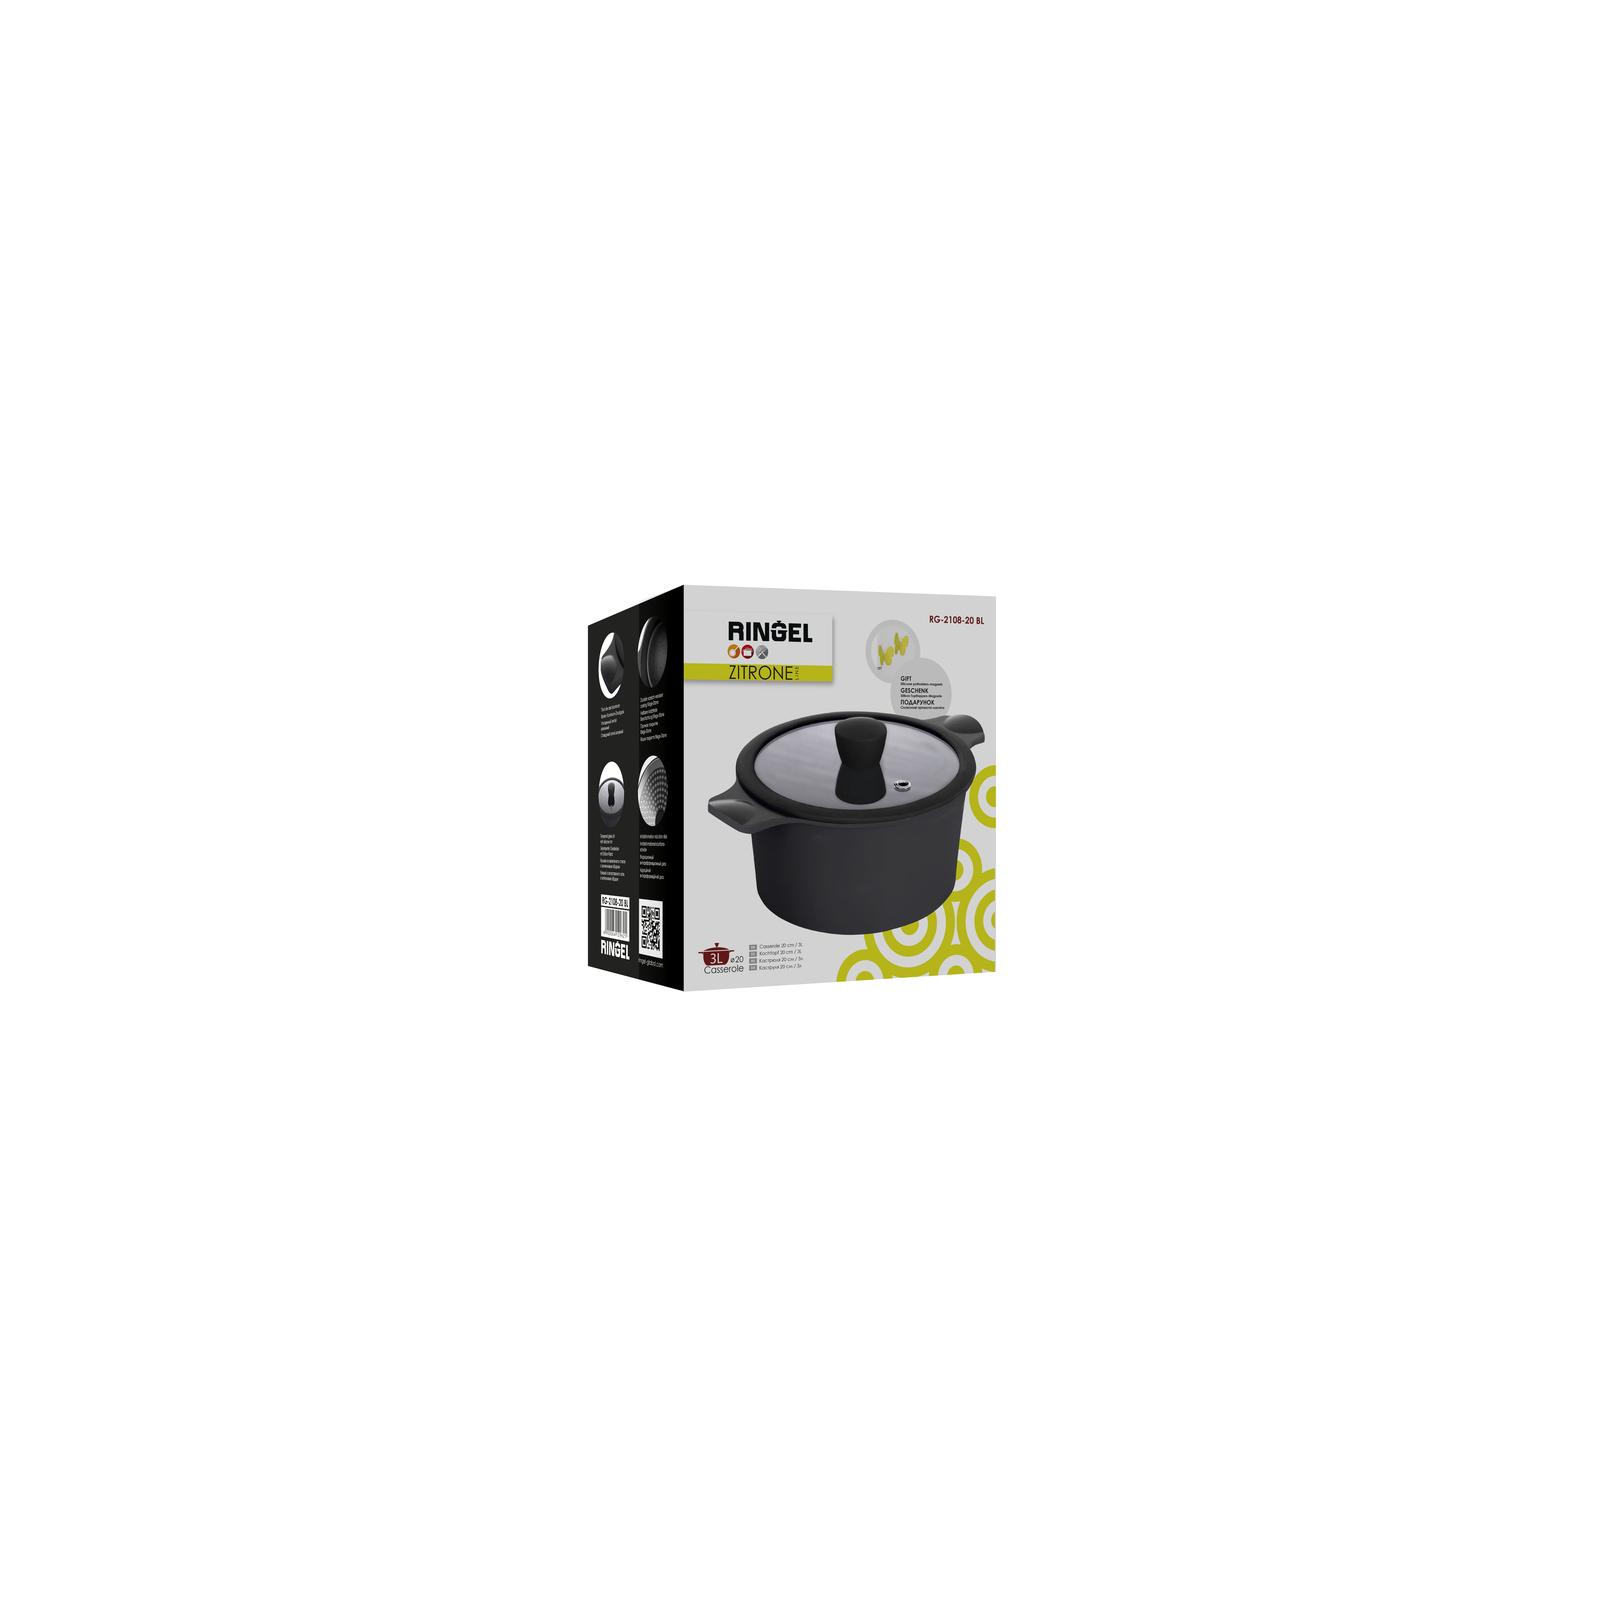 Кастрюля Ringel Zitrone black с крышкой 5,8 л (RG-2108-24/2 BL) изображение 7